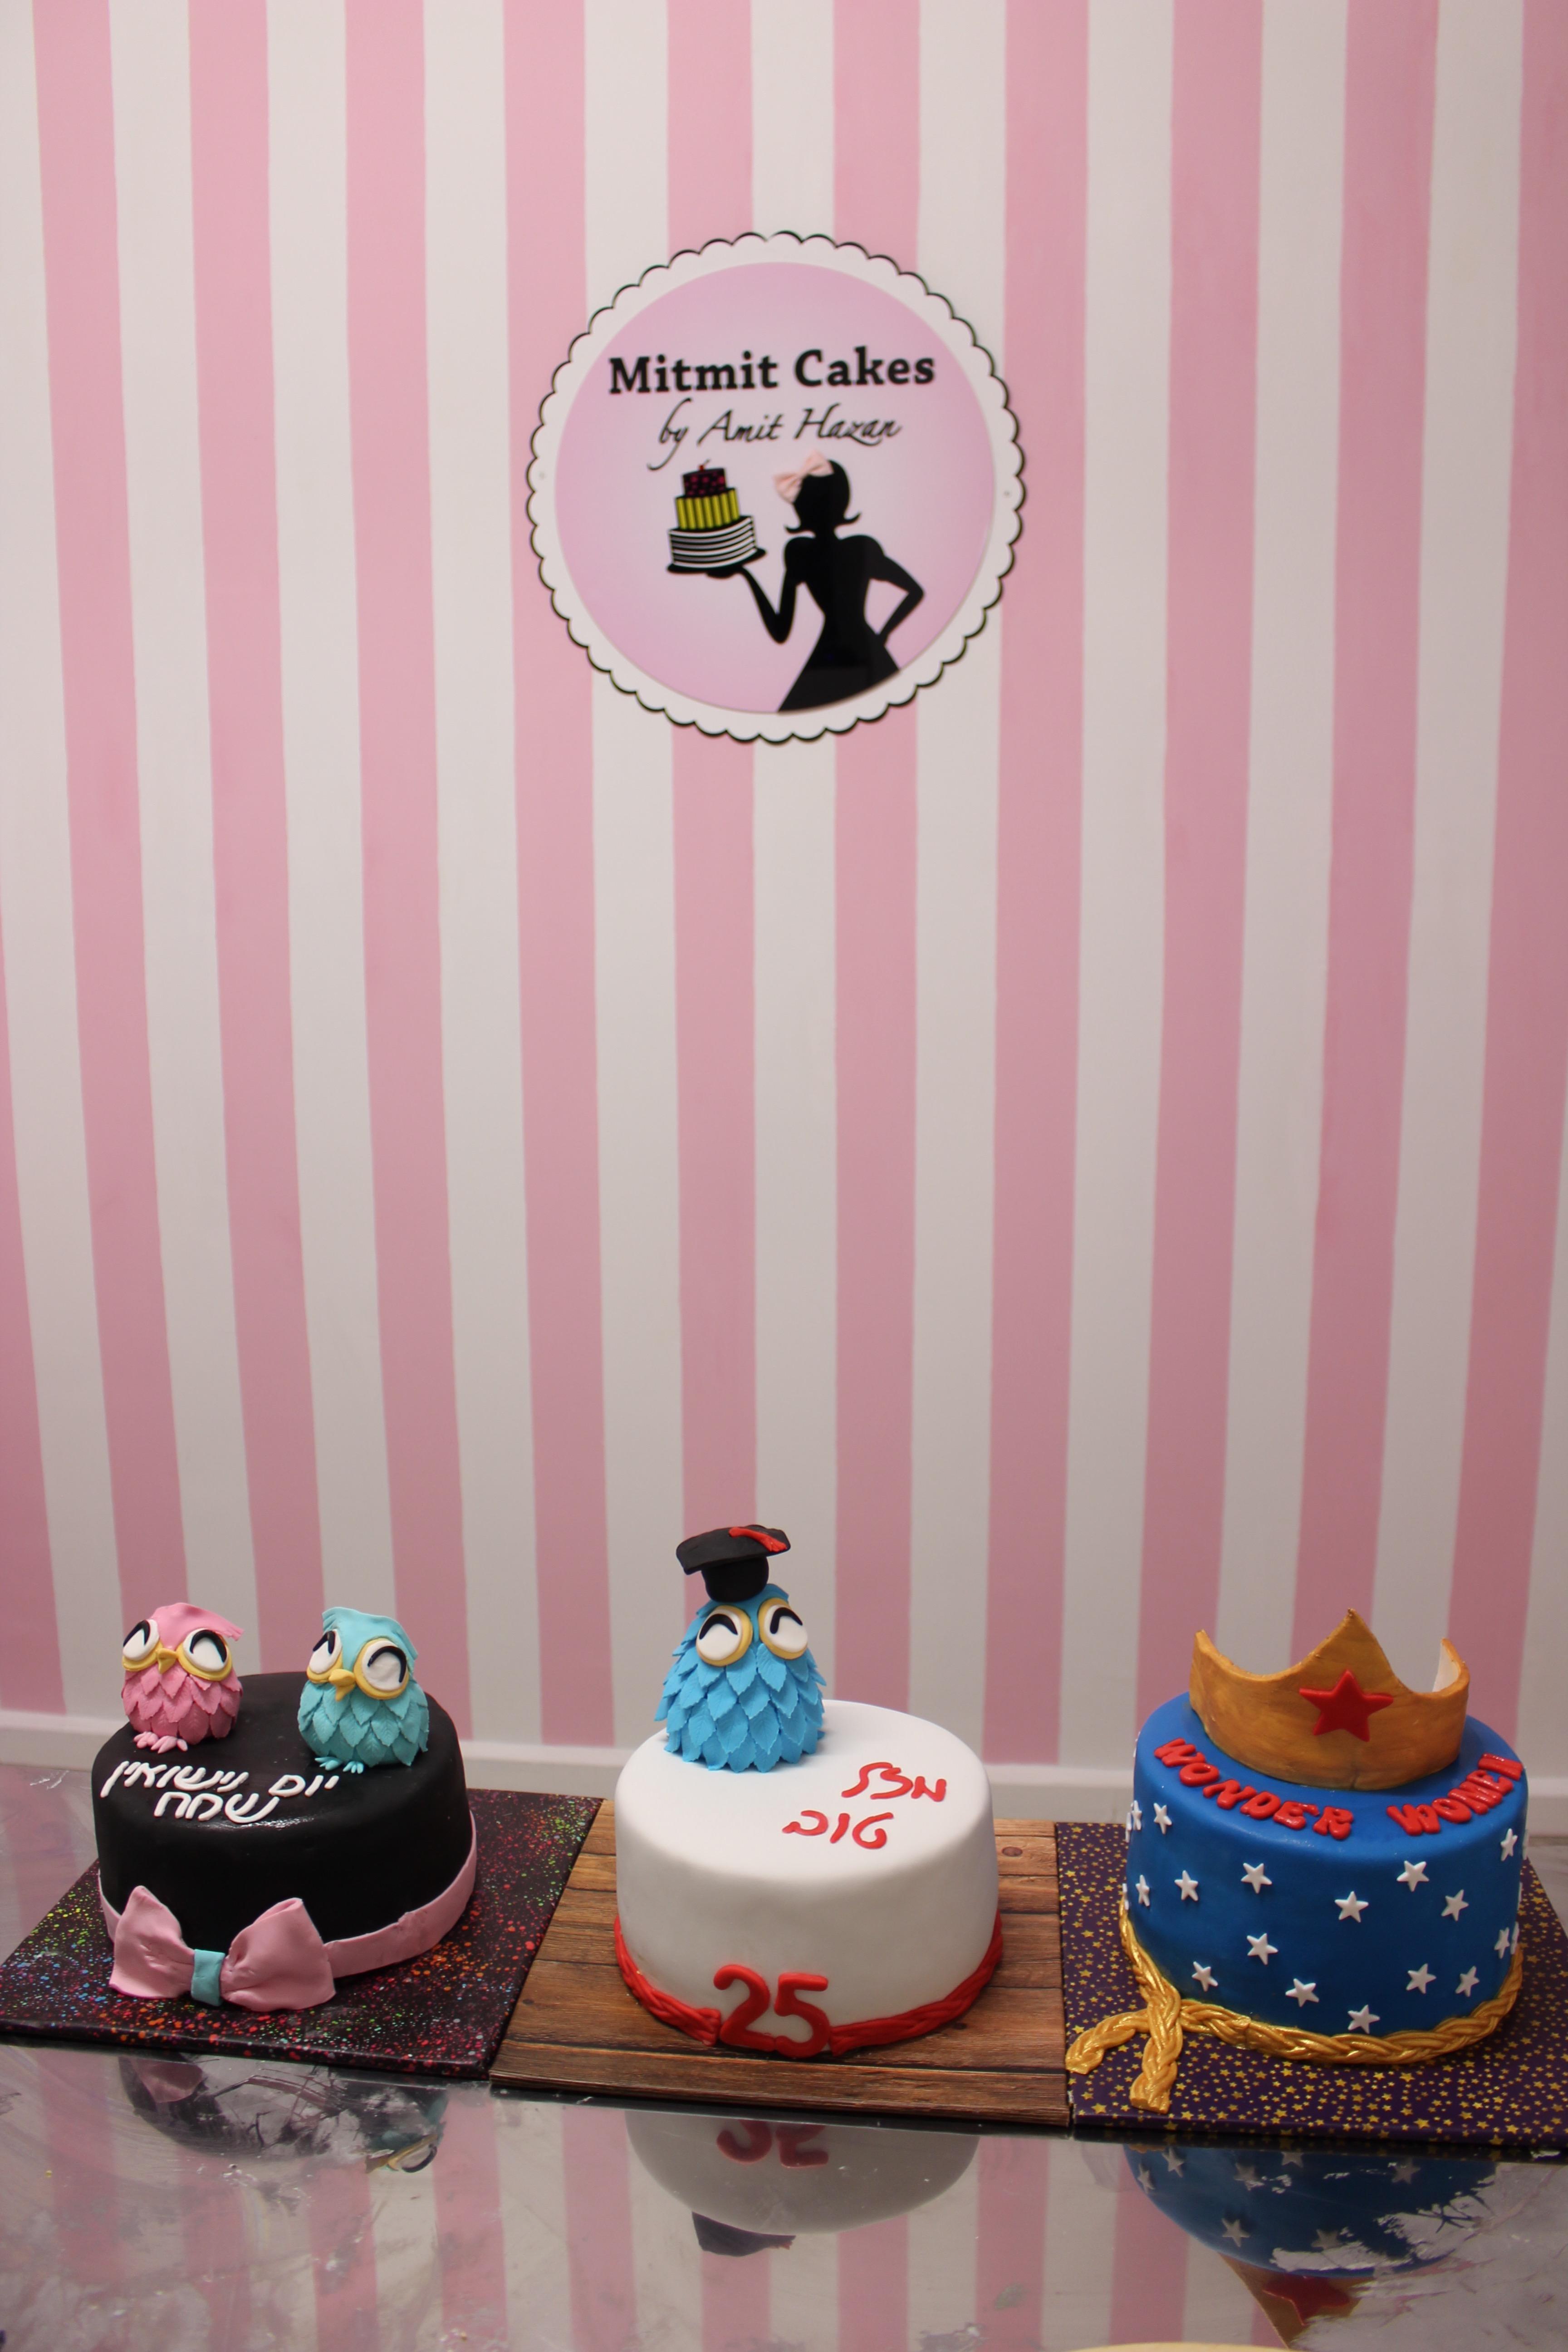 סדנה לעיצוב עוגות בצק סוכר בראשון לצ